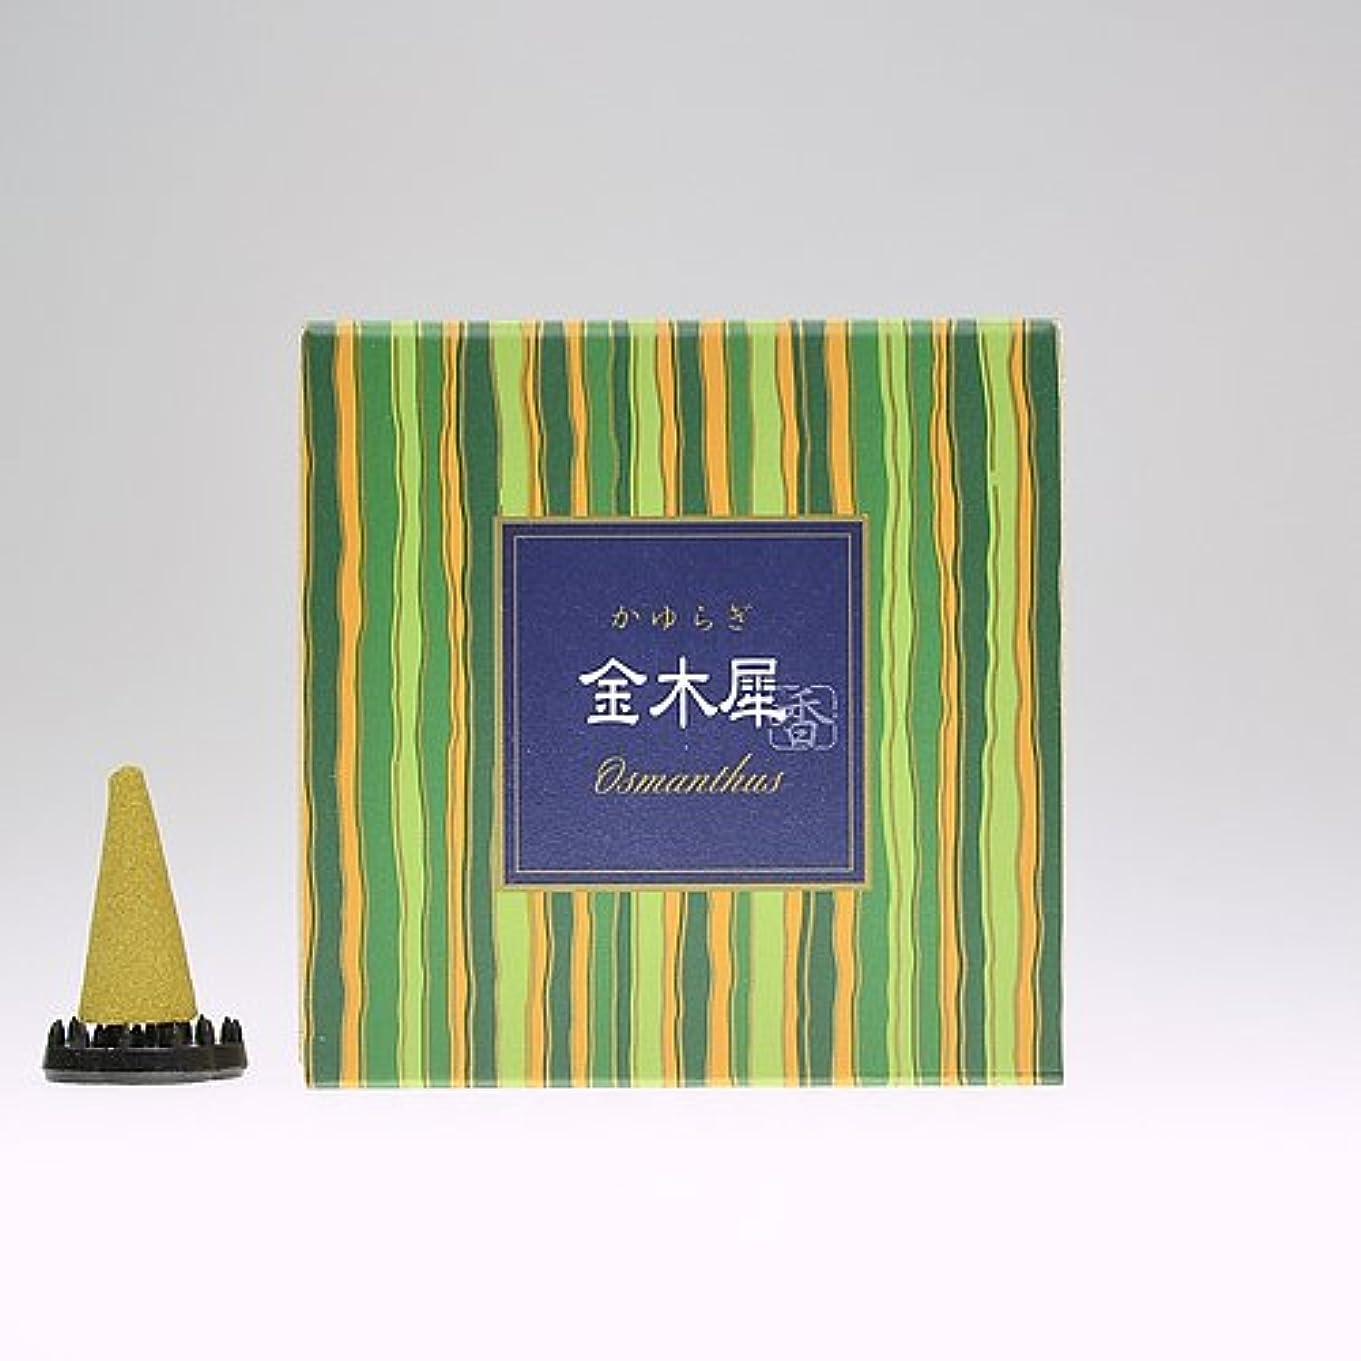 リースソファーずんぐりした日本香堂 かゆらぎ お香コーン 12個入 「金木犀(きんもくせい)」 4902125384149